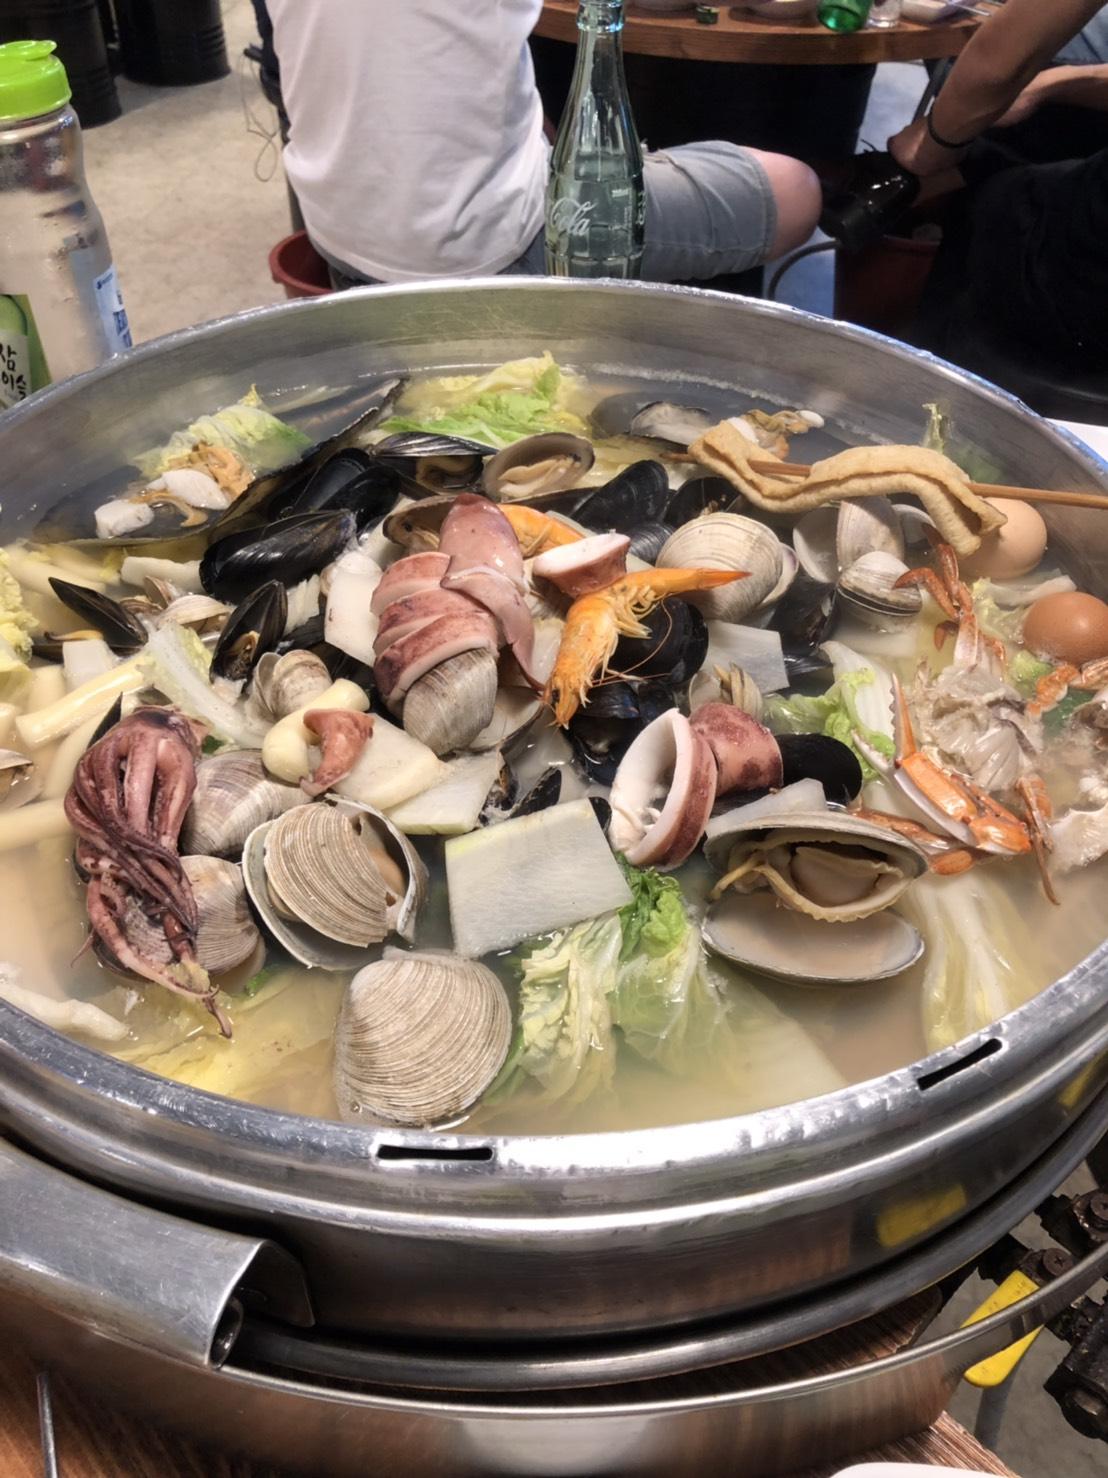 ▲海鮮鍋雖然不是韓國必吃美食,但仍讓Kim感到意外的好吃。